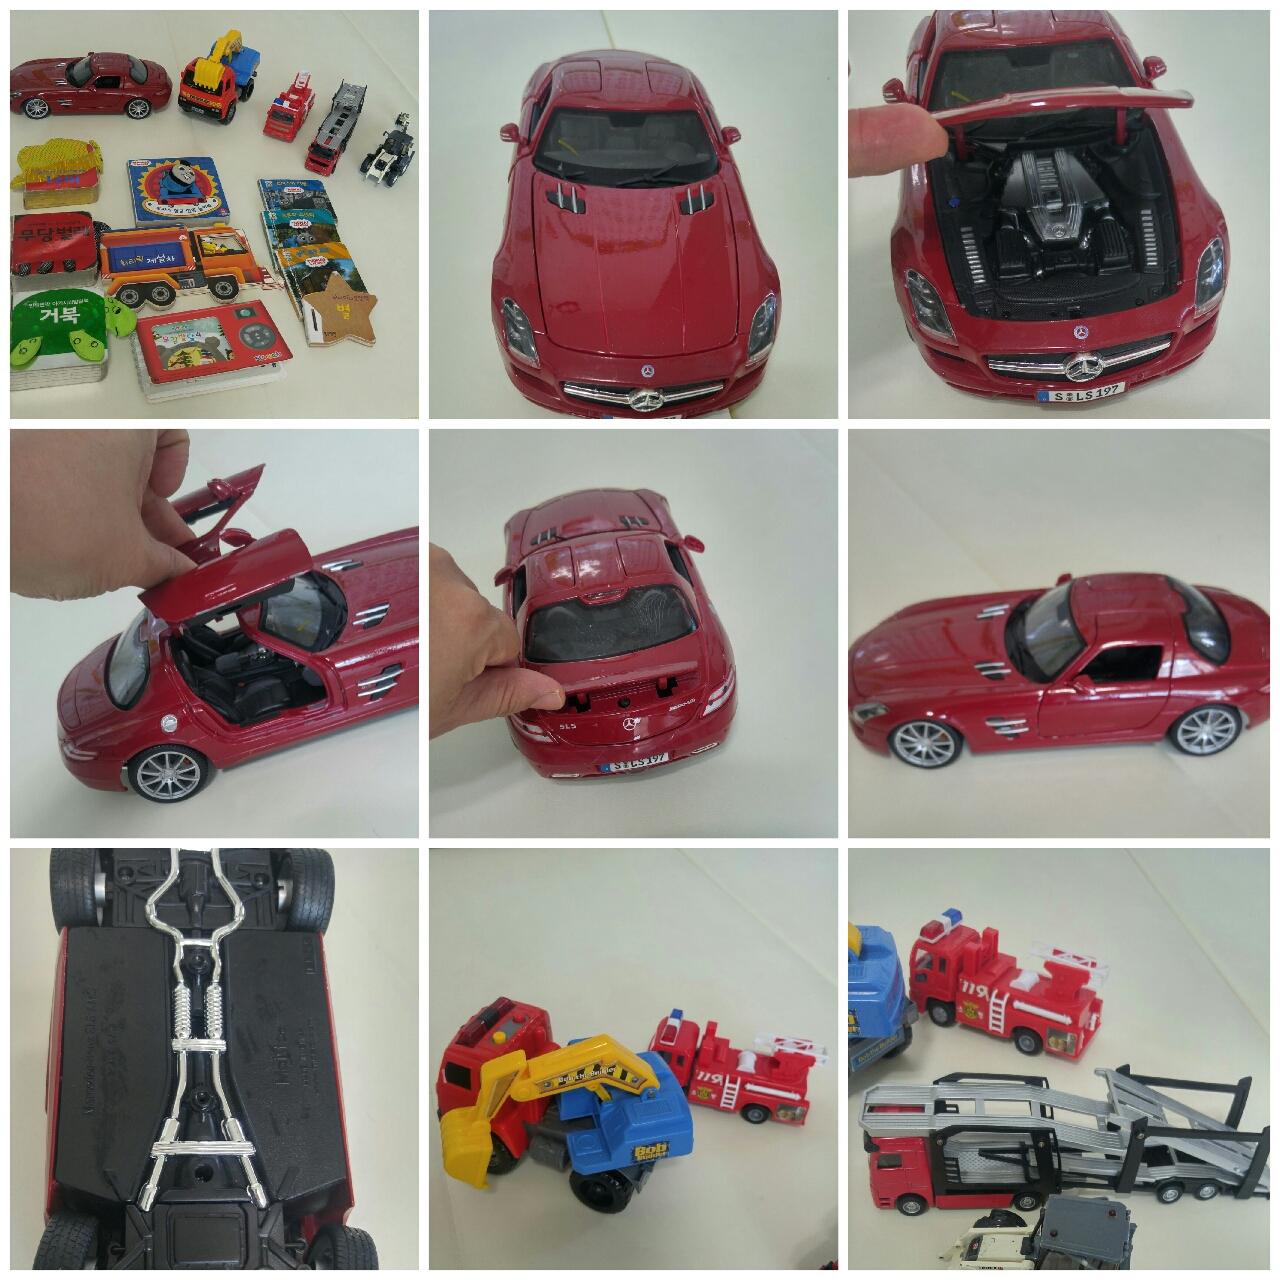 정품)미니 벤츠 장난감(프리미어 메르세데스 벤츠)과 책•장난감 등 15개 일괄